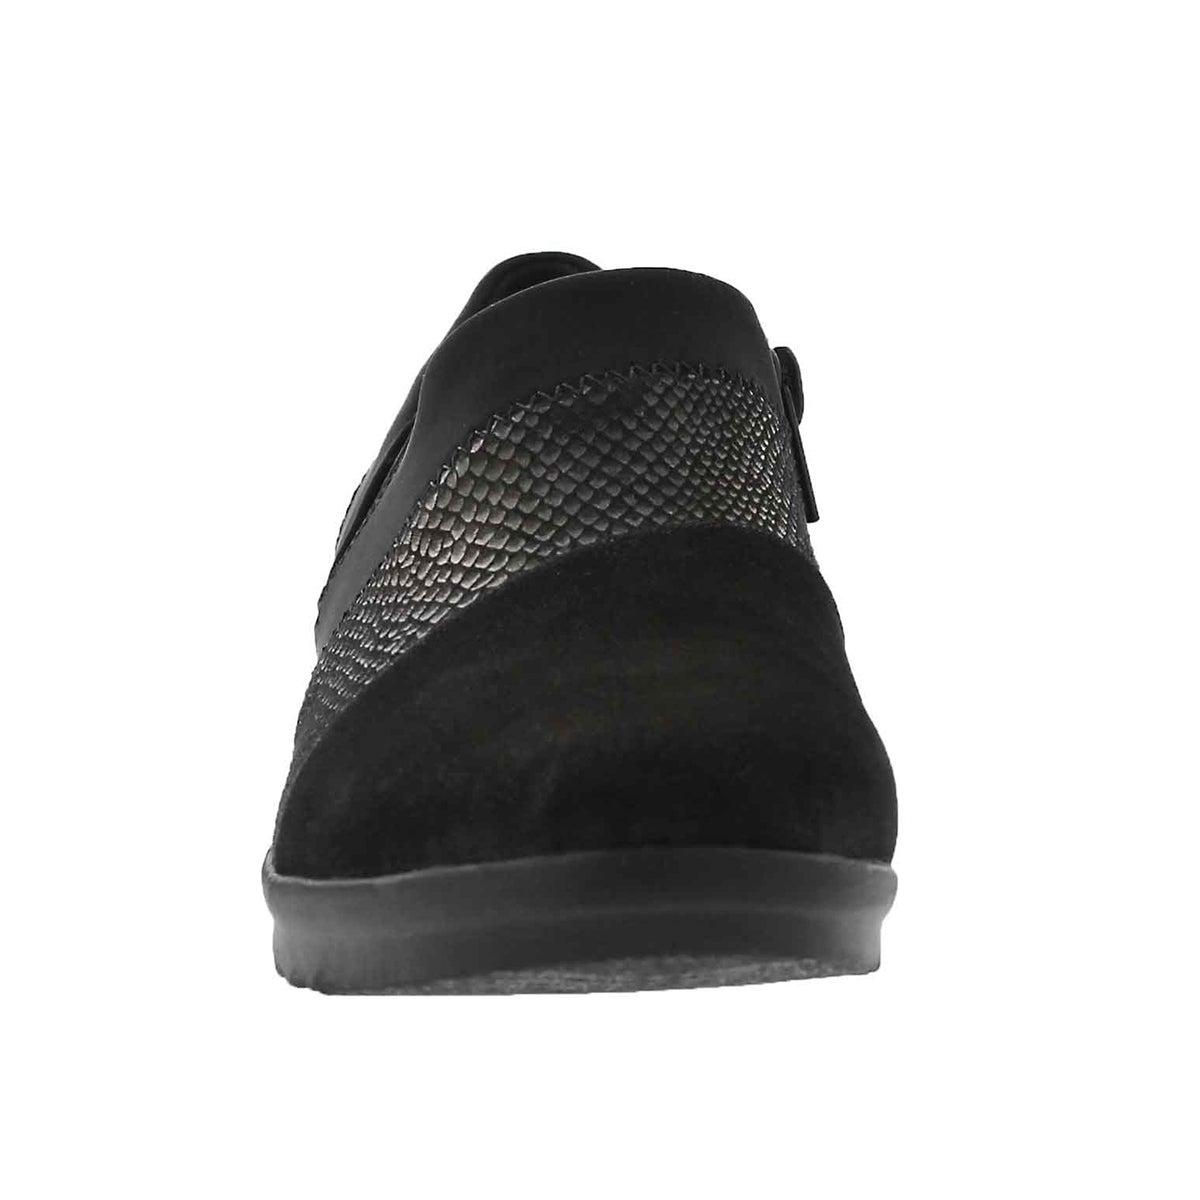 Lds Caddell Denali black wedge slip on